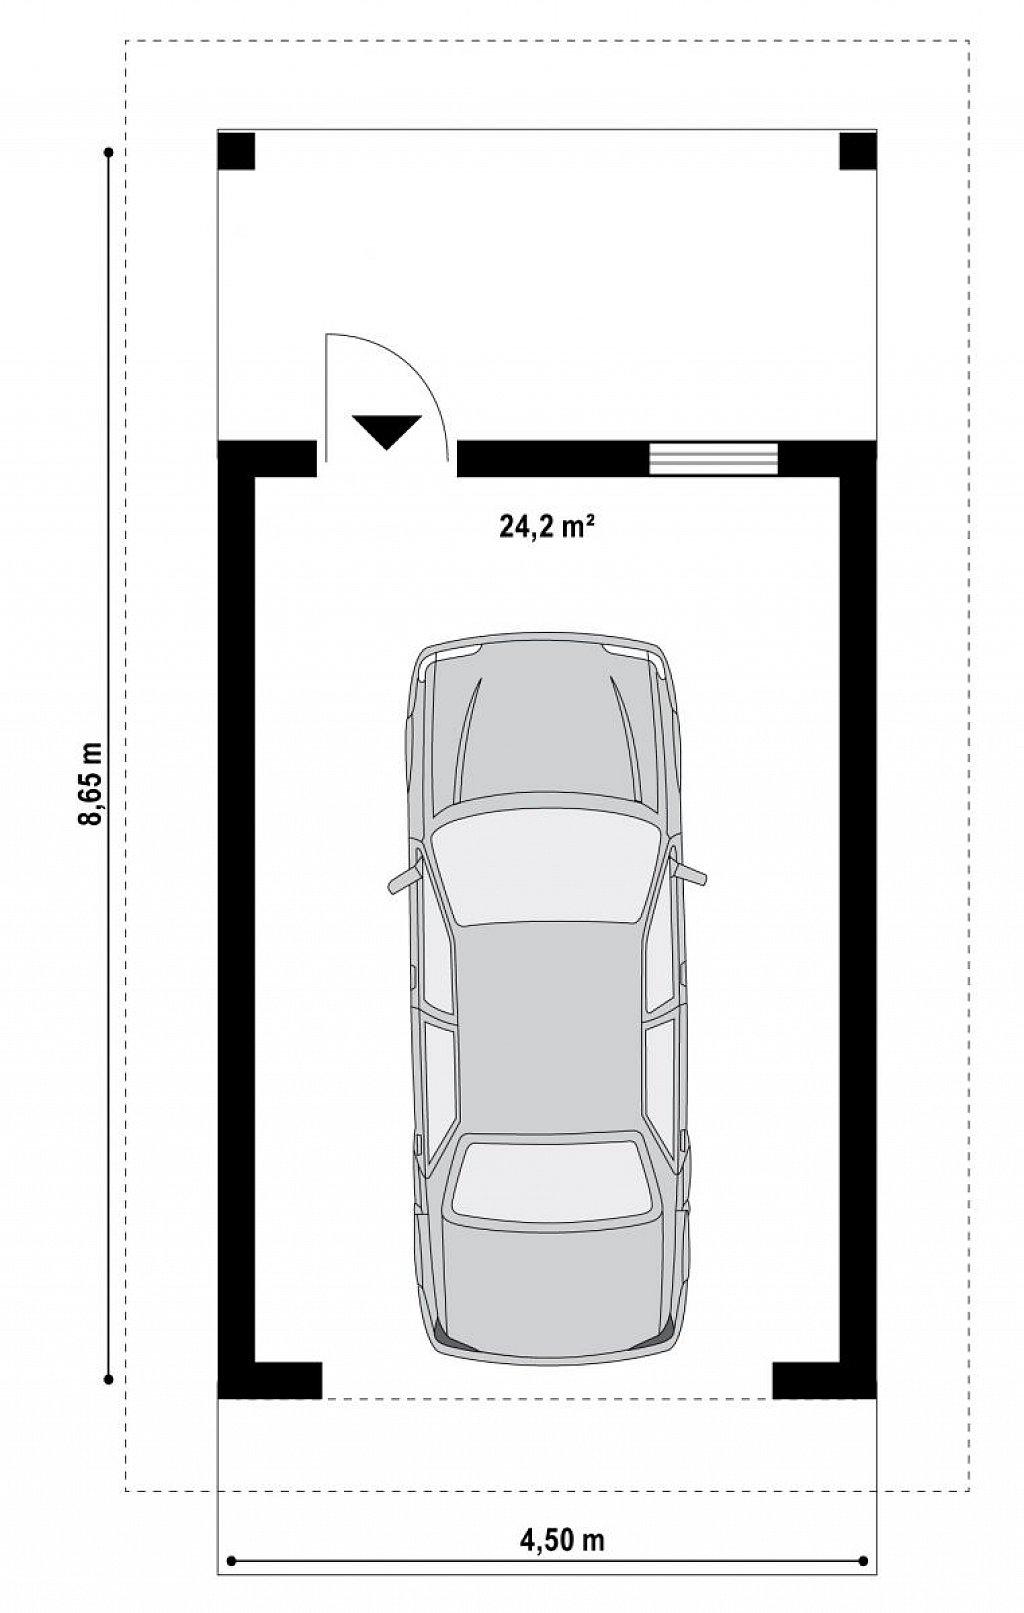 Аккуратный гараж в традиционном стиле на 1 машину план помещений 1